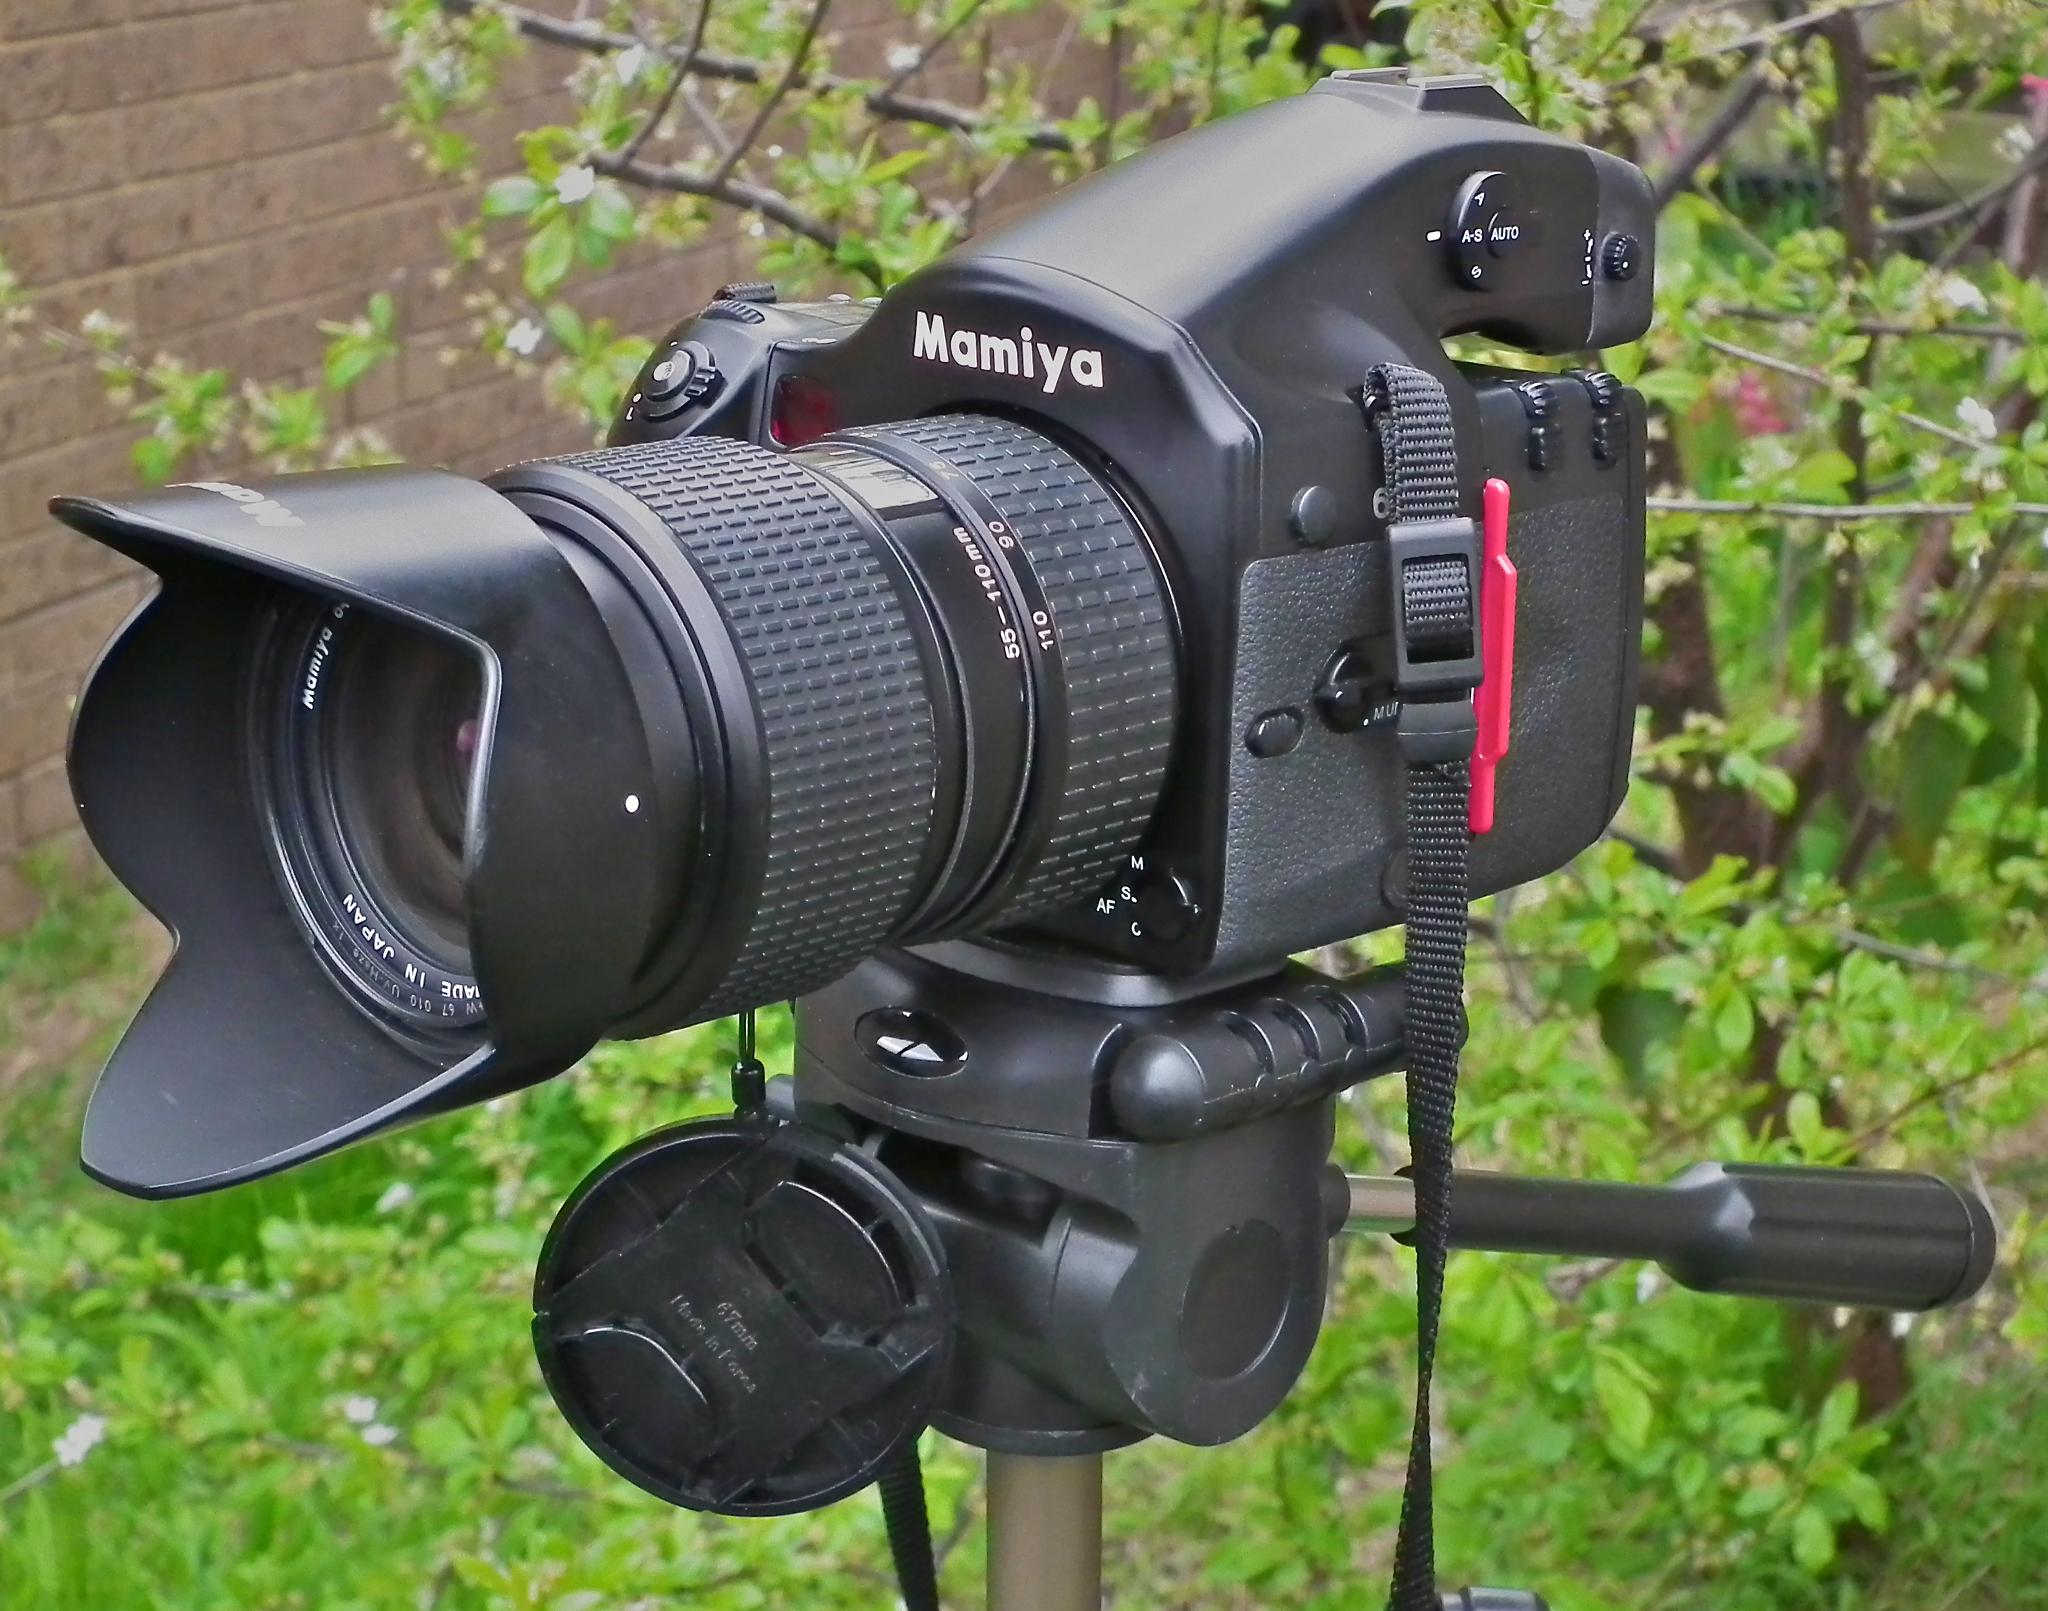 Mamiya 645 afd ii and leaf shutter lenses.